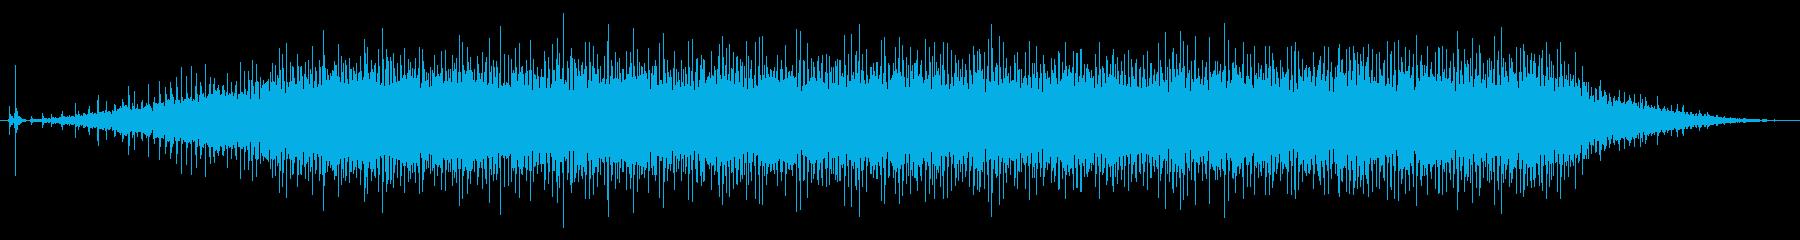 映写機01-1の再生済みの波形